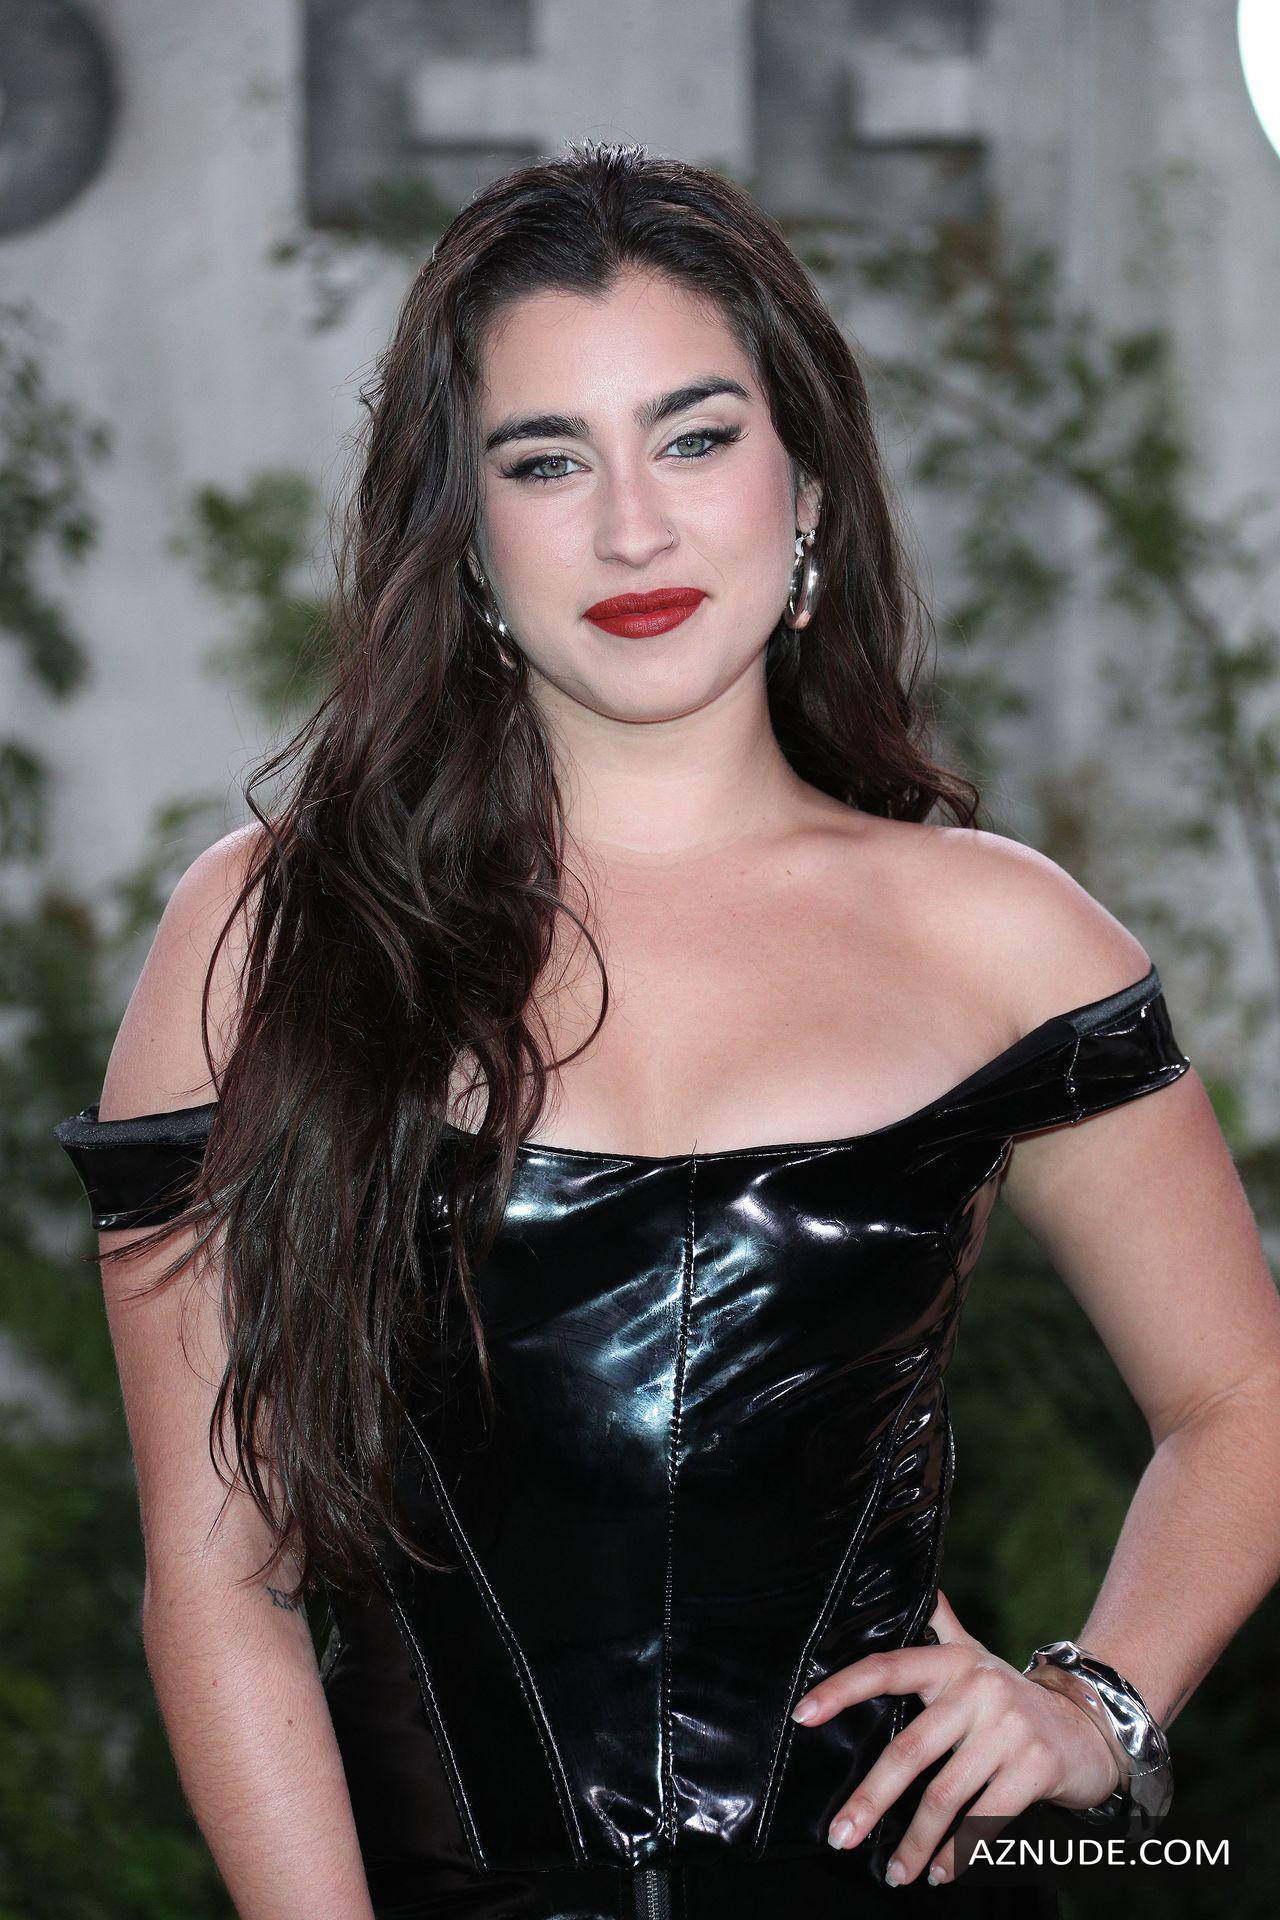 Nackt Lauren Jauregui  Lauren Jauregui's